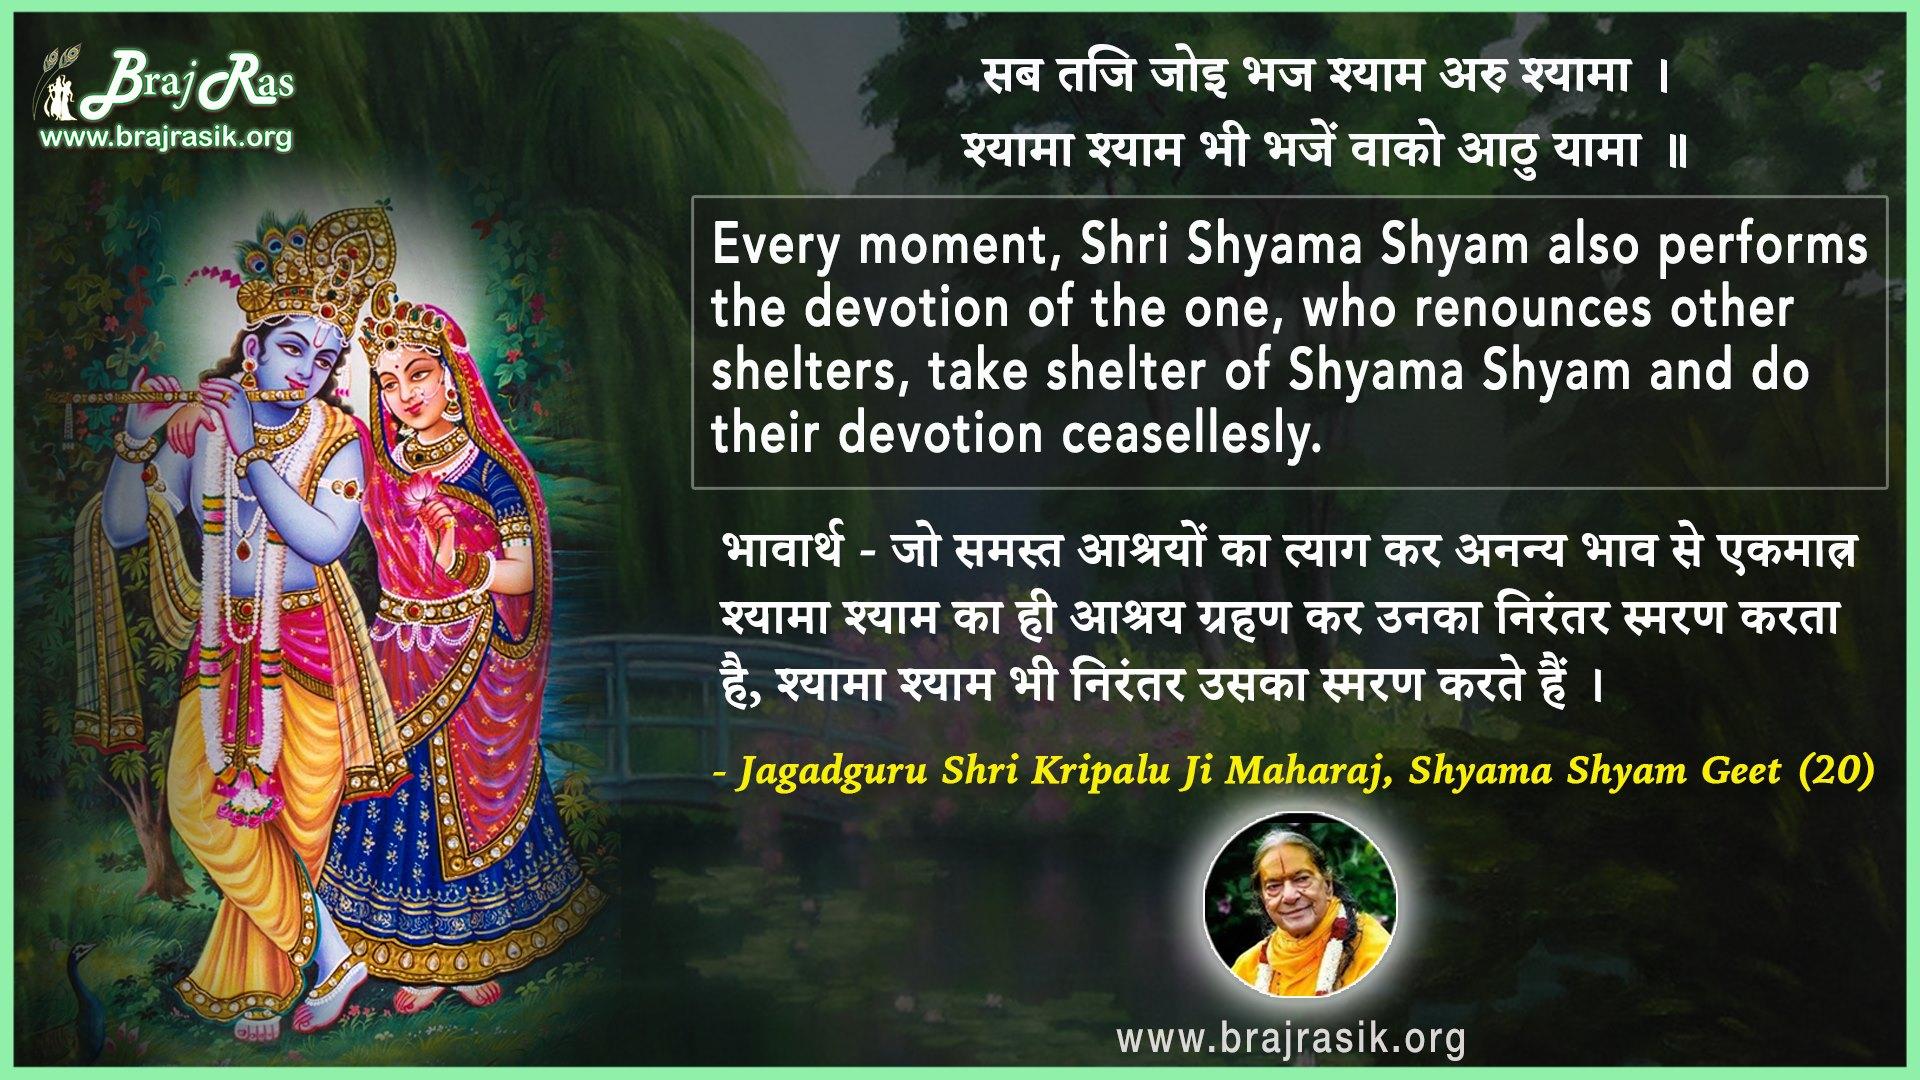 Sab Taji Joi Bhaj Shyam Aru Shyama - Jagadguru Shri Kripalu Ji Maharaj, Shyama Shyam Geet (20)